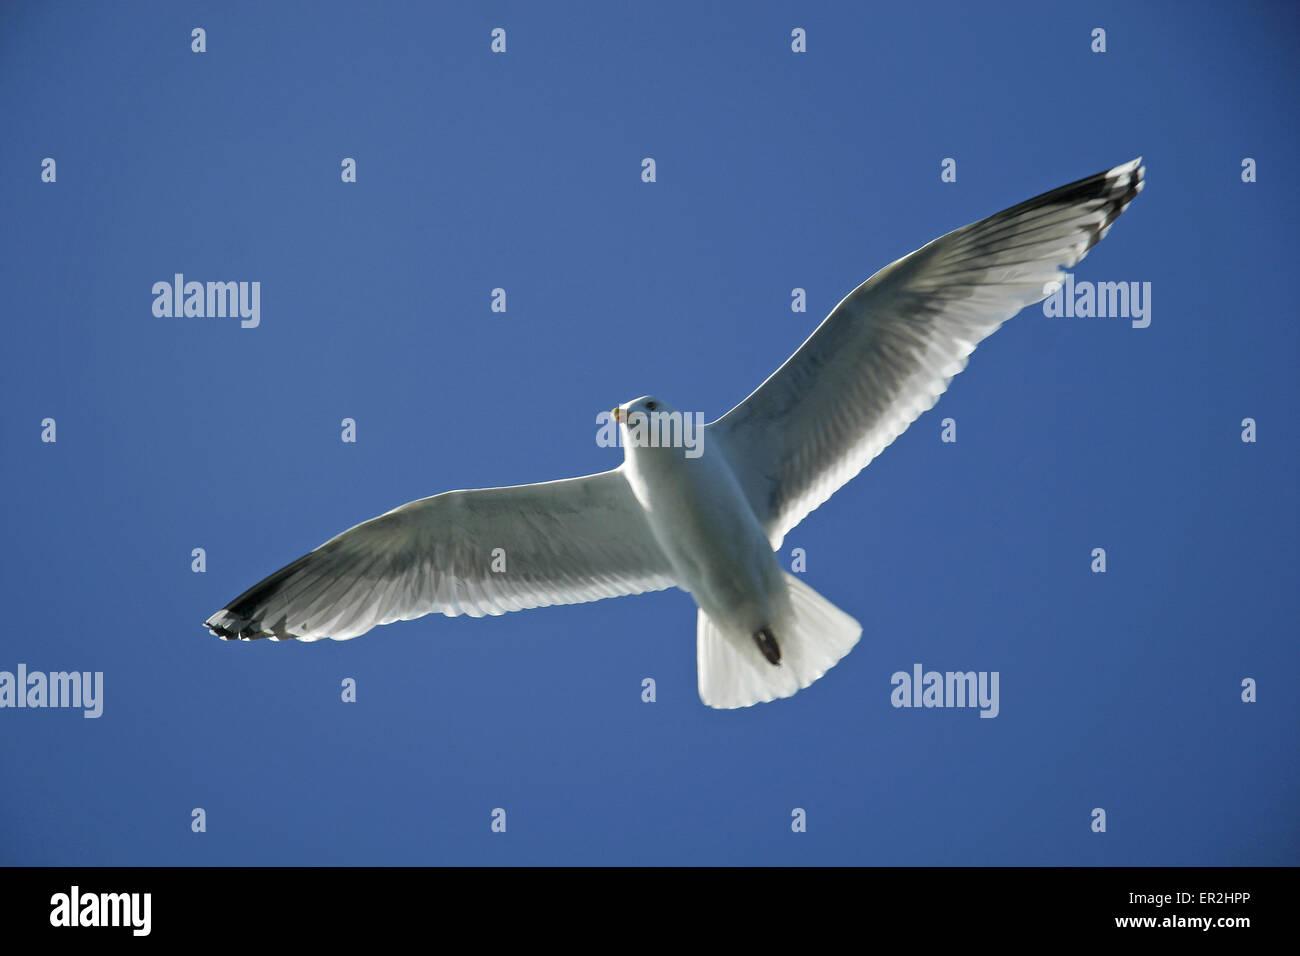 Norwegen, Norge, Norway, Mittelnorwegen, Europa, Insel Hitra, blauer, Himmel, fliegen, Flug, Moewe, Moewen, Skandinavien, - Stock Image